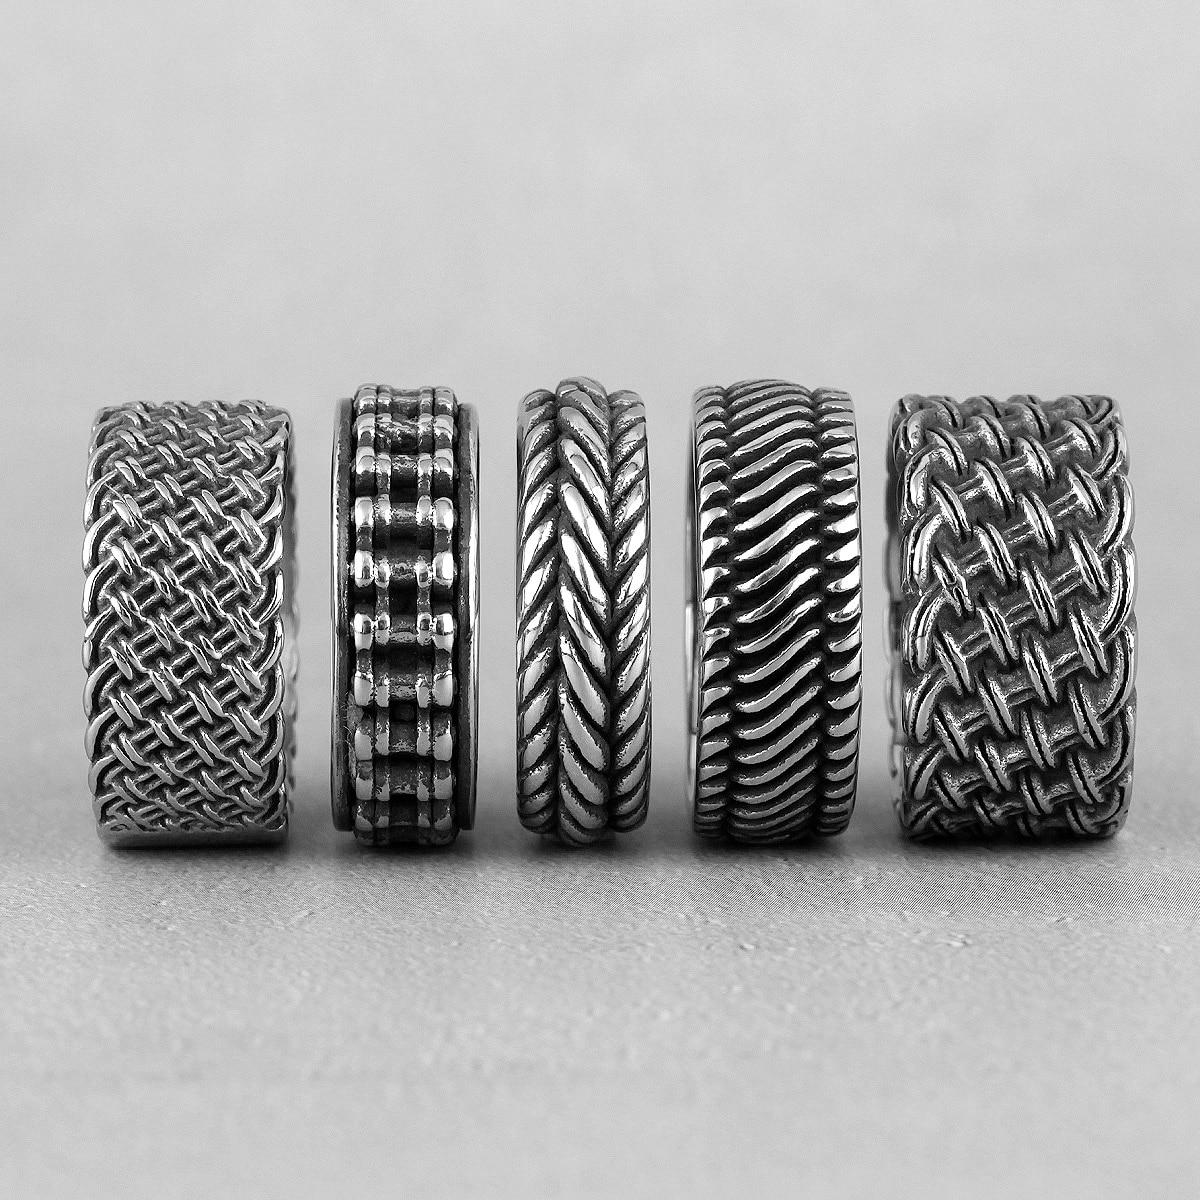 Мужские кольца из нержавеющей стали в стиле ретро, Простые Кольца В индустриальном стиле с сетчатым переплетением для парня, байкера, креат...